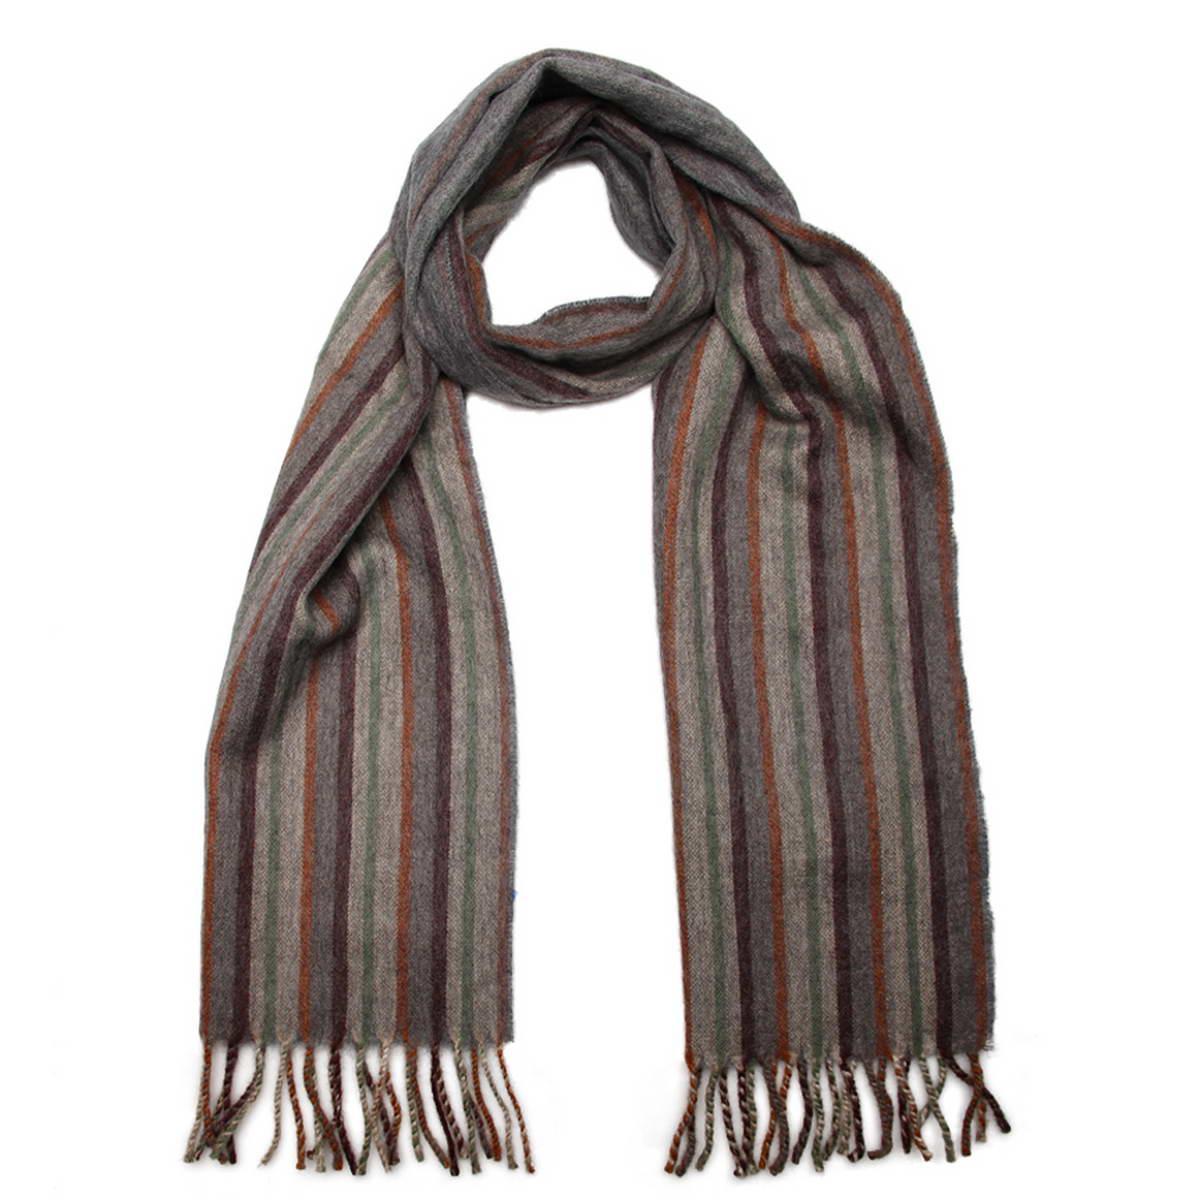 Шарф мужской Venera, цвет: серый, бежевый. 5001432-9. Размер 30 см х 160 см5001432-9Элегантный мужской шарф Venera согреет вас в холодное время года, а также станет изысканным аксессуаром, который призван подчеркнуть ваш стиль и индивидуальность. Оригинальный теплый шарф выполнен из высококачественной шерстяной пряжи. Шарф оформлен узором в узкую полоску и дополнен бахромой в виде жгутиков по краю.Такой шарф станет превосходным дополнением к любому наряду, защитит вас от ветра и холода и позволит вам создать свой неповторимый стиль.